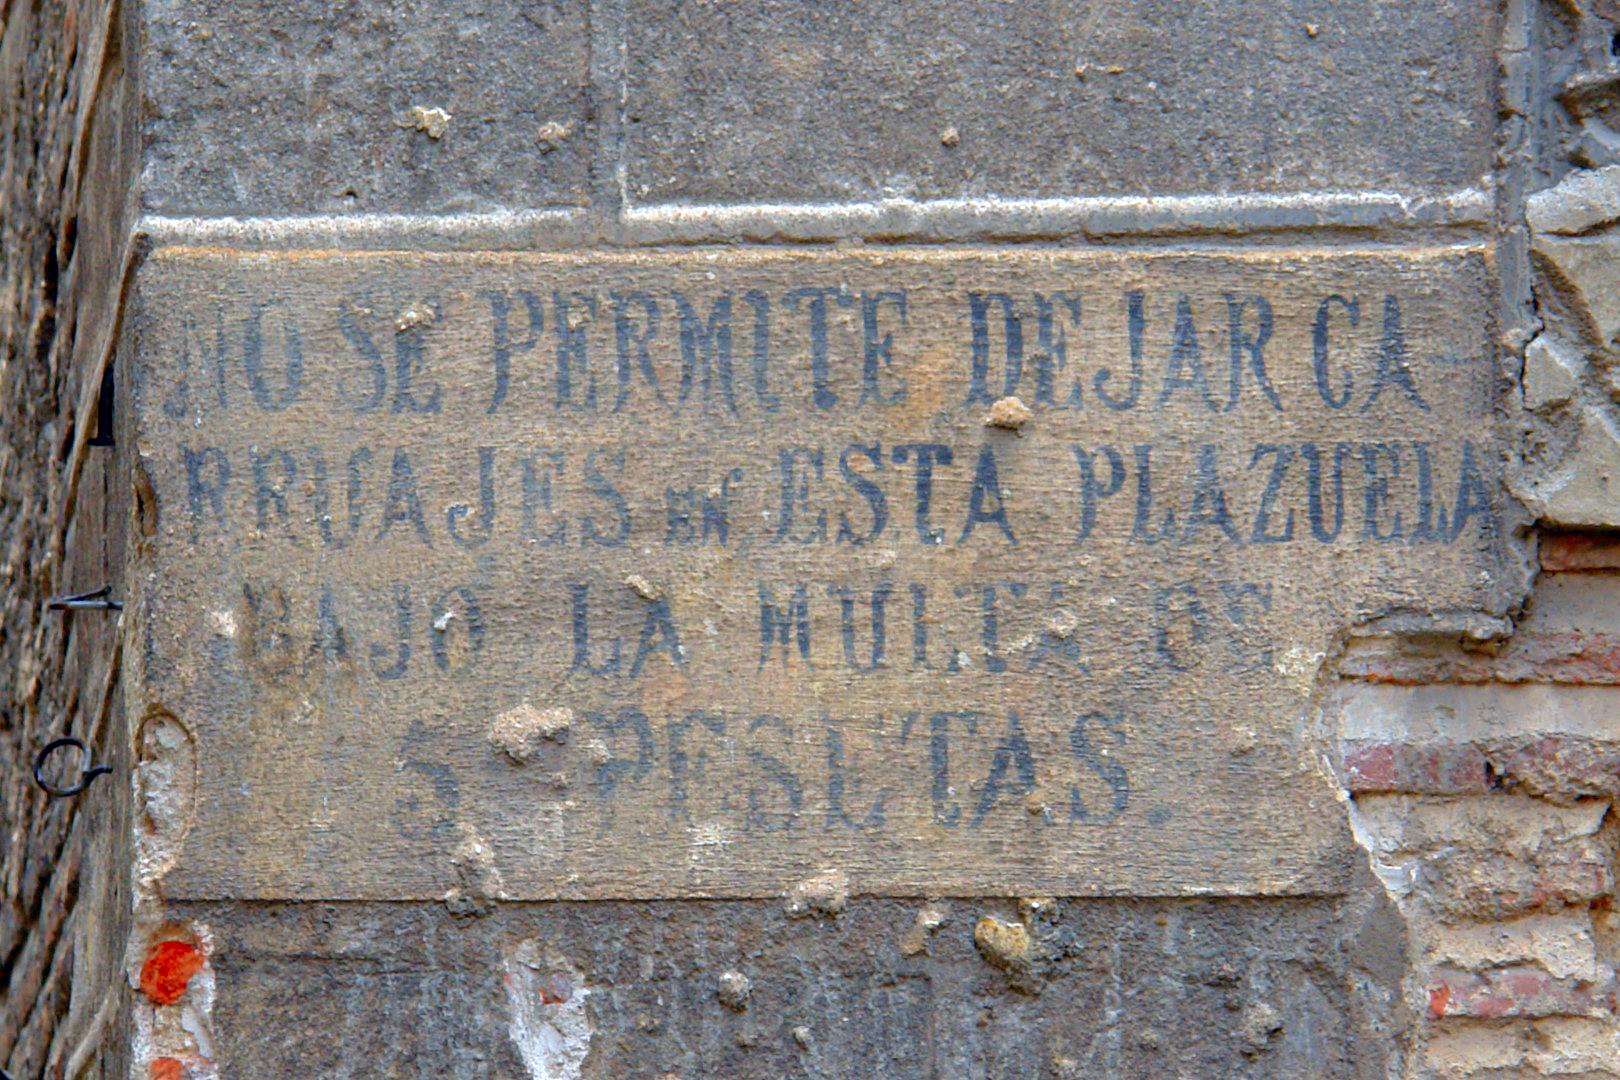 Qué ver Segovia, España qué ver en segovia - 30955508452 6f2af45202 o - Qué ver en Segovia, España